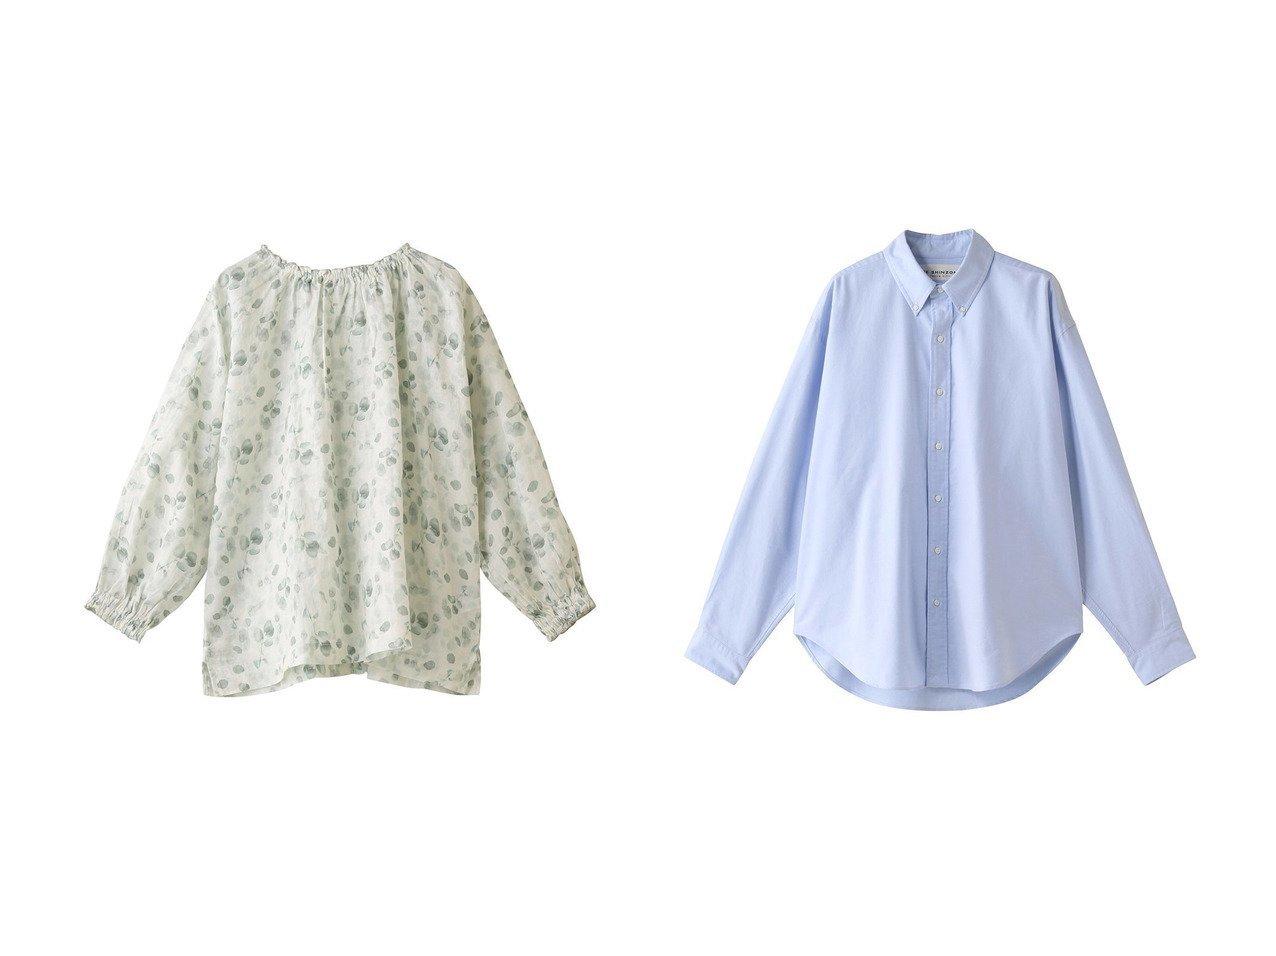 【nest Robe/ネストローブ】のリネンユーカリプリントブラウス&【Shinzone/シンゾーン】のオックスフォードダディーシャツ 【トップス・カットソー】おすすめ!人気、トレンド・レディースファッションの通販 おすすめで人気の流行・トレンド、ファッションの通販商品 メンズファッション・キッズファッション・インテリア・家具・レディースファッション・服の通販 founy(ファニー) https://founy.com/ ファッション Fashion レディースファッション WOMEN トップス・カットソー Tops/Tshirt シャツ/ブラウス Shirts/Blouses シャーリング スリーブ プリント リネン ロング シンプル デニム ボトム 再入荷 Restock/Back in Stock/Re Arrival |ID:crp329100000033767